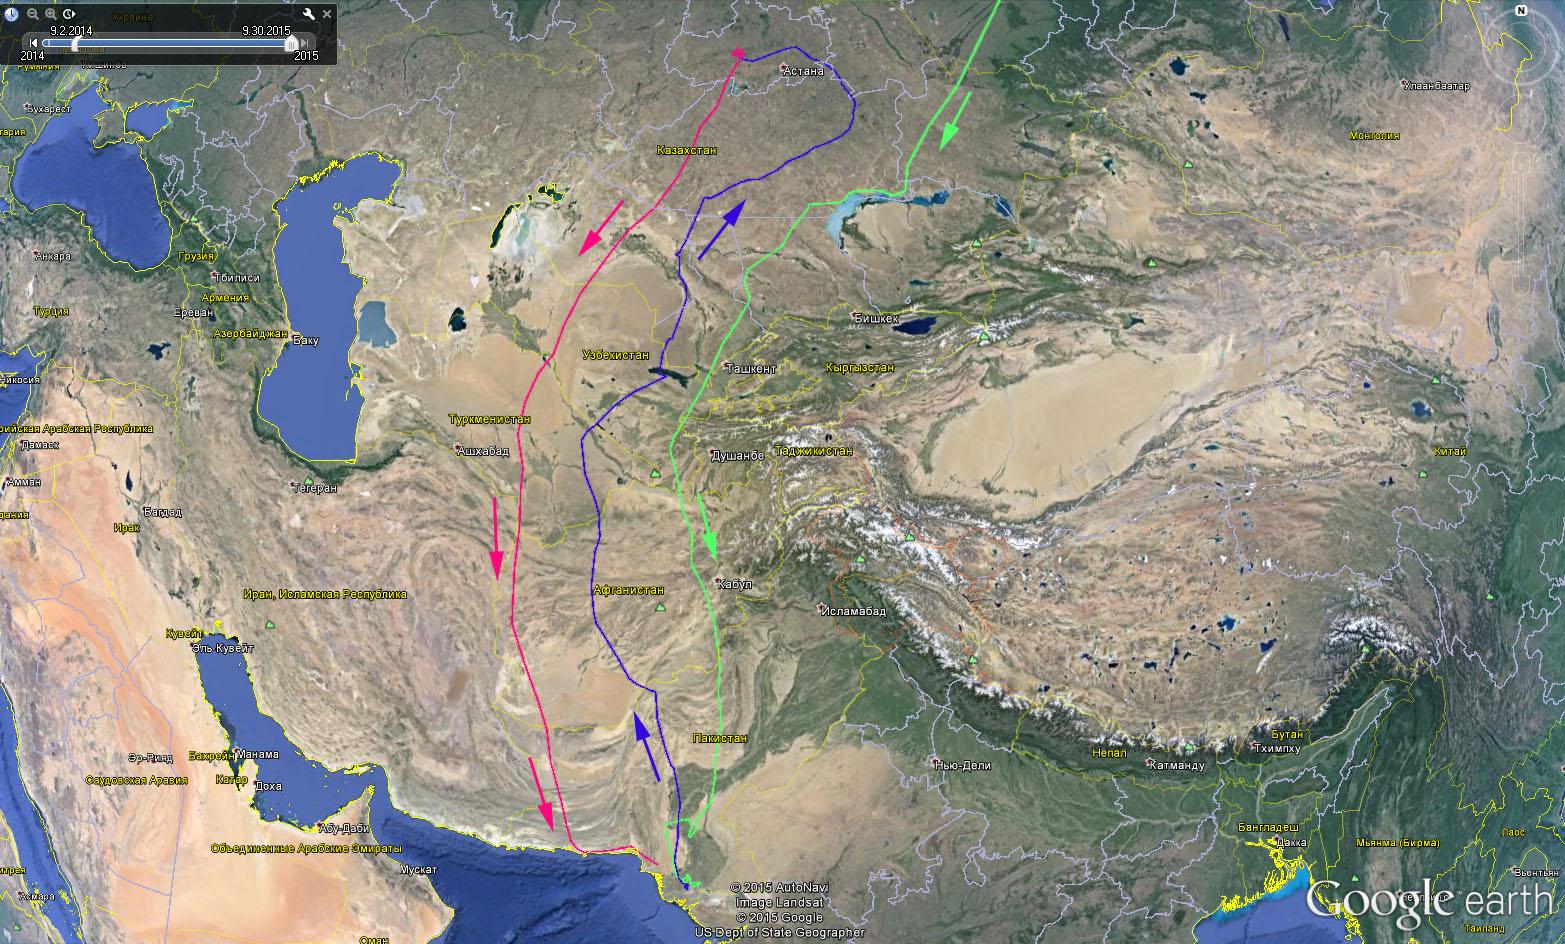 Маршруты Клангуши в 2014-2015 гг.: зеленый трек - первая осенняя миграция 2014 г., синий трек - первая весенняя миграция 2015 г., розовый трек - вторая осенняя миграция 2015 г.